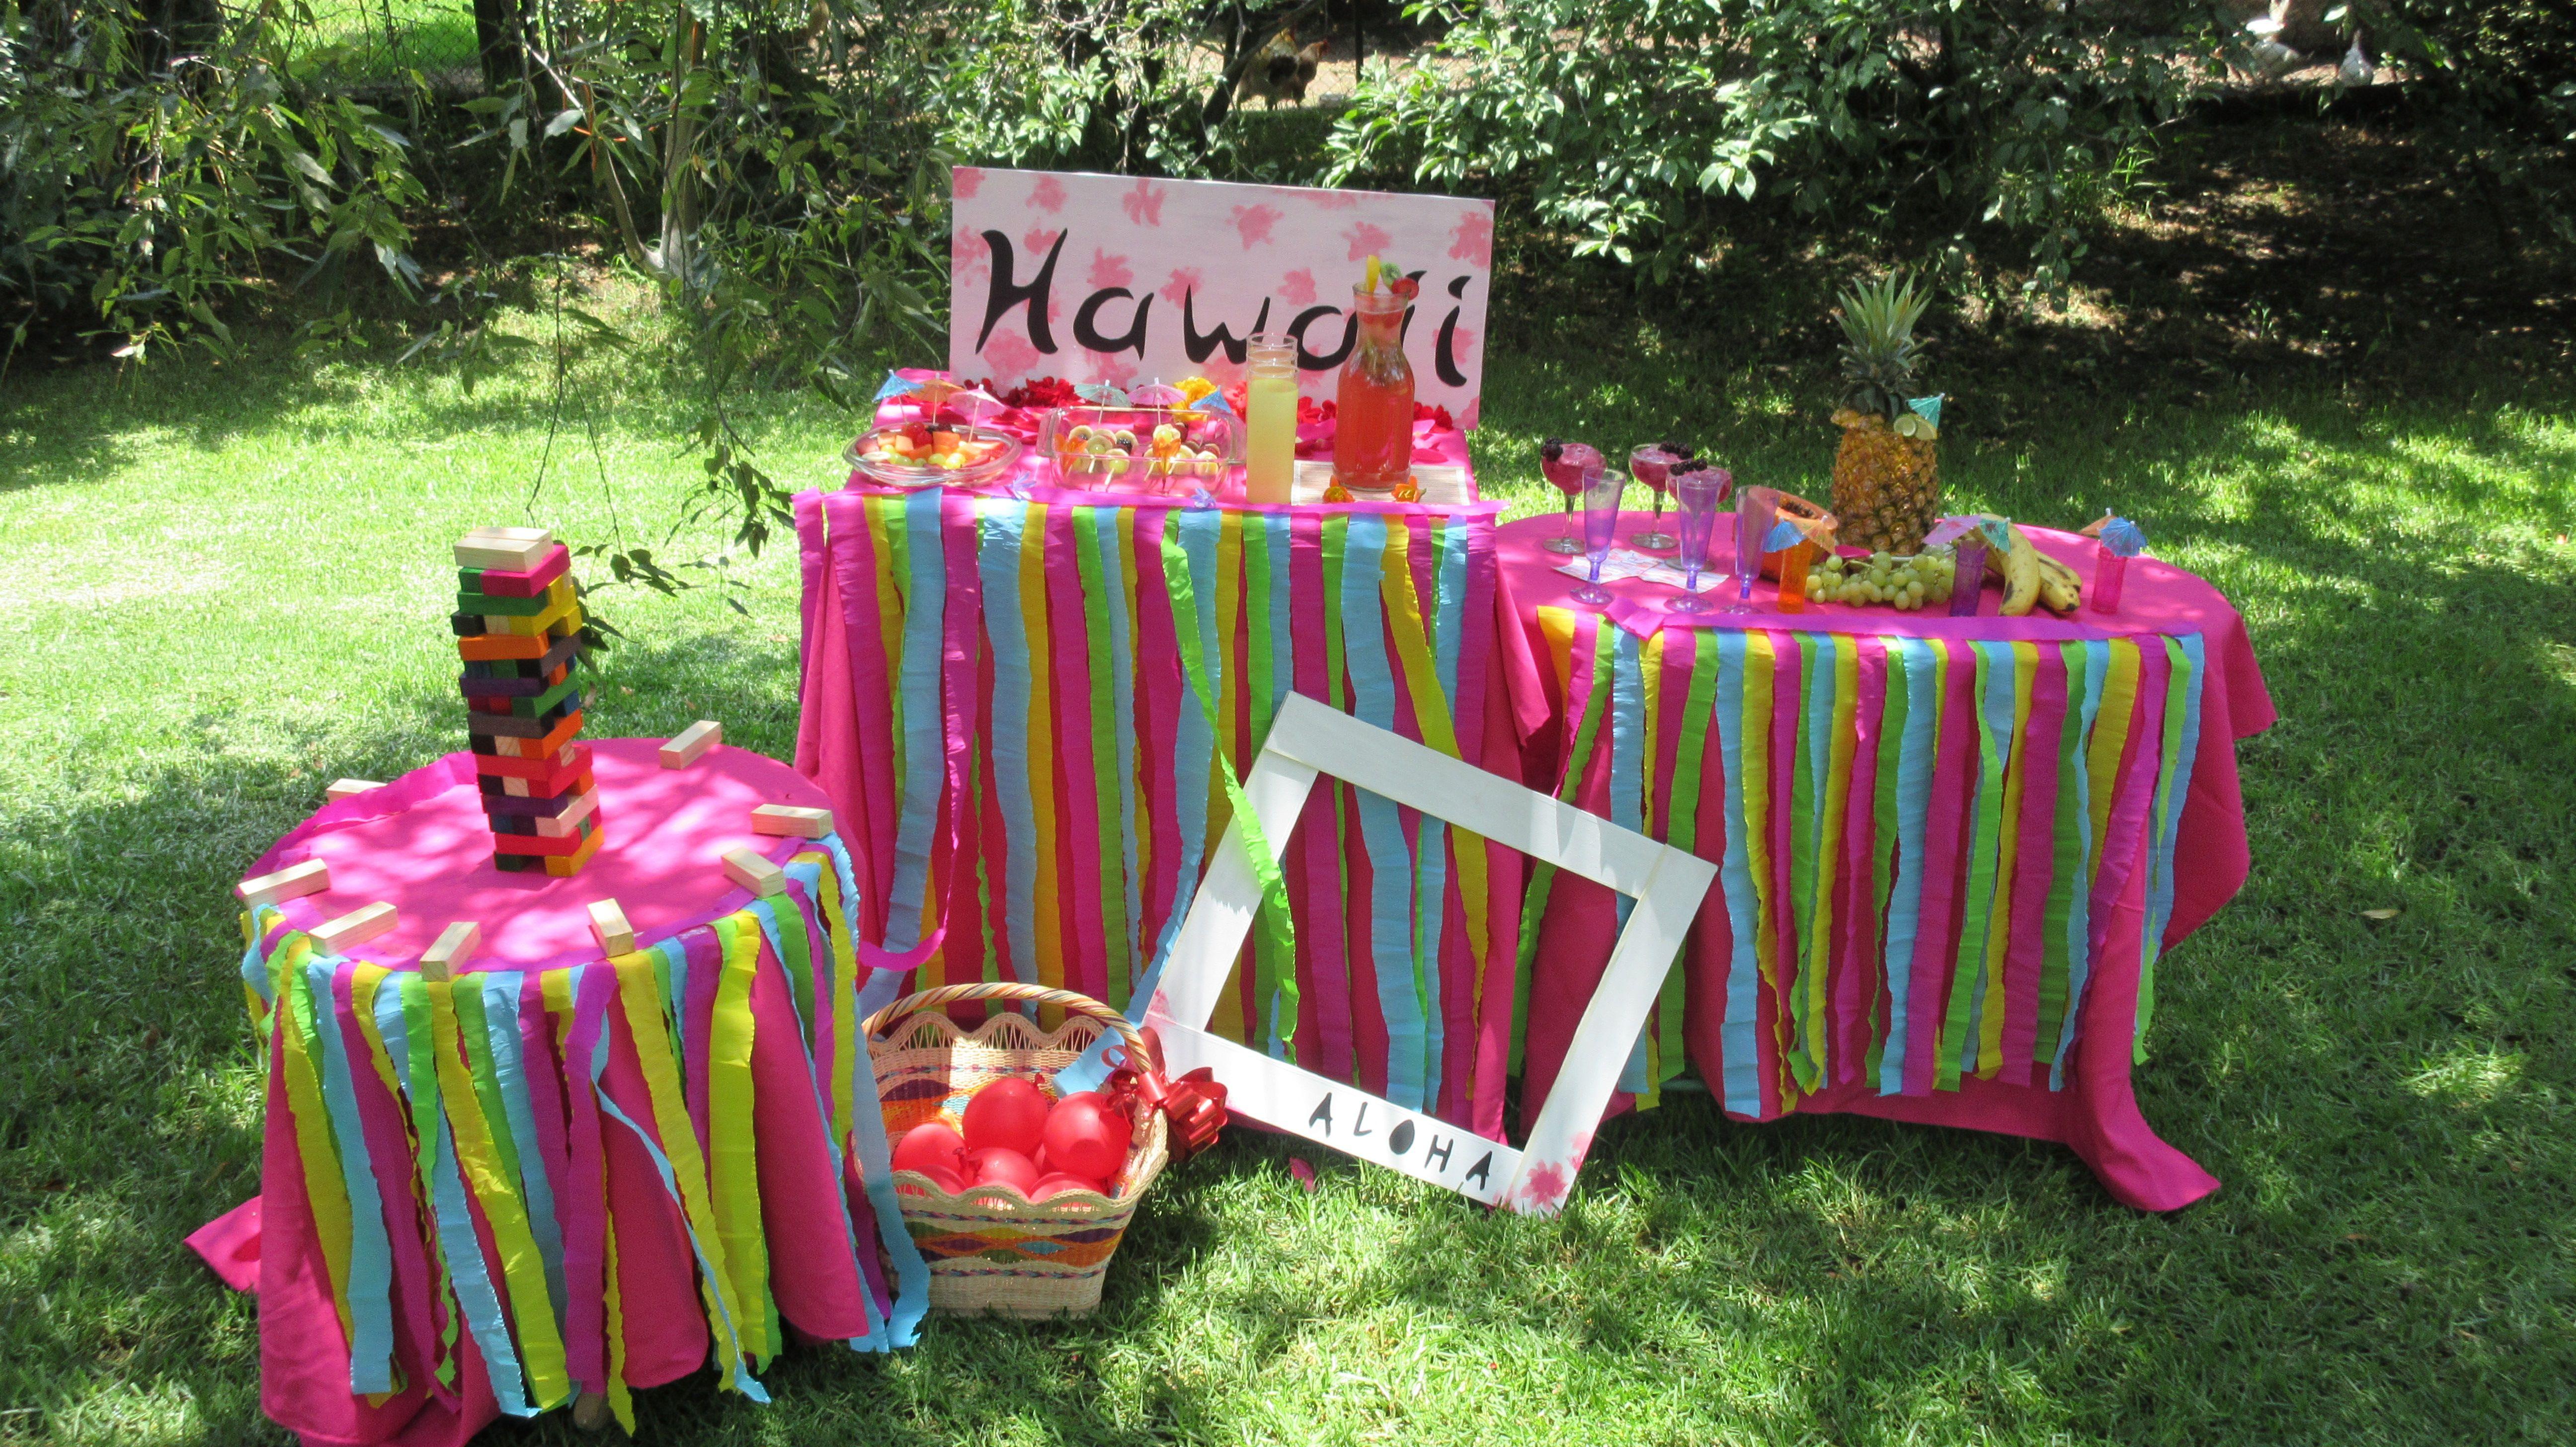 Haz una fiesta hawaiana con snacks y smoothies muy ricos y fáciles. Hawaian Party  Easy and delicious